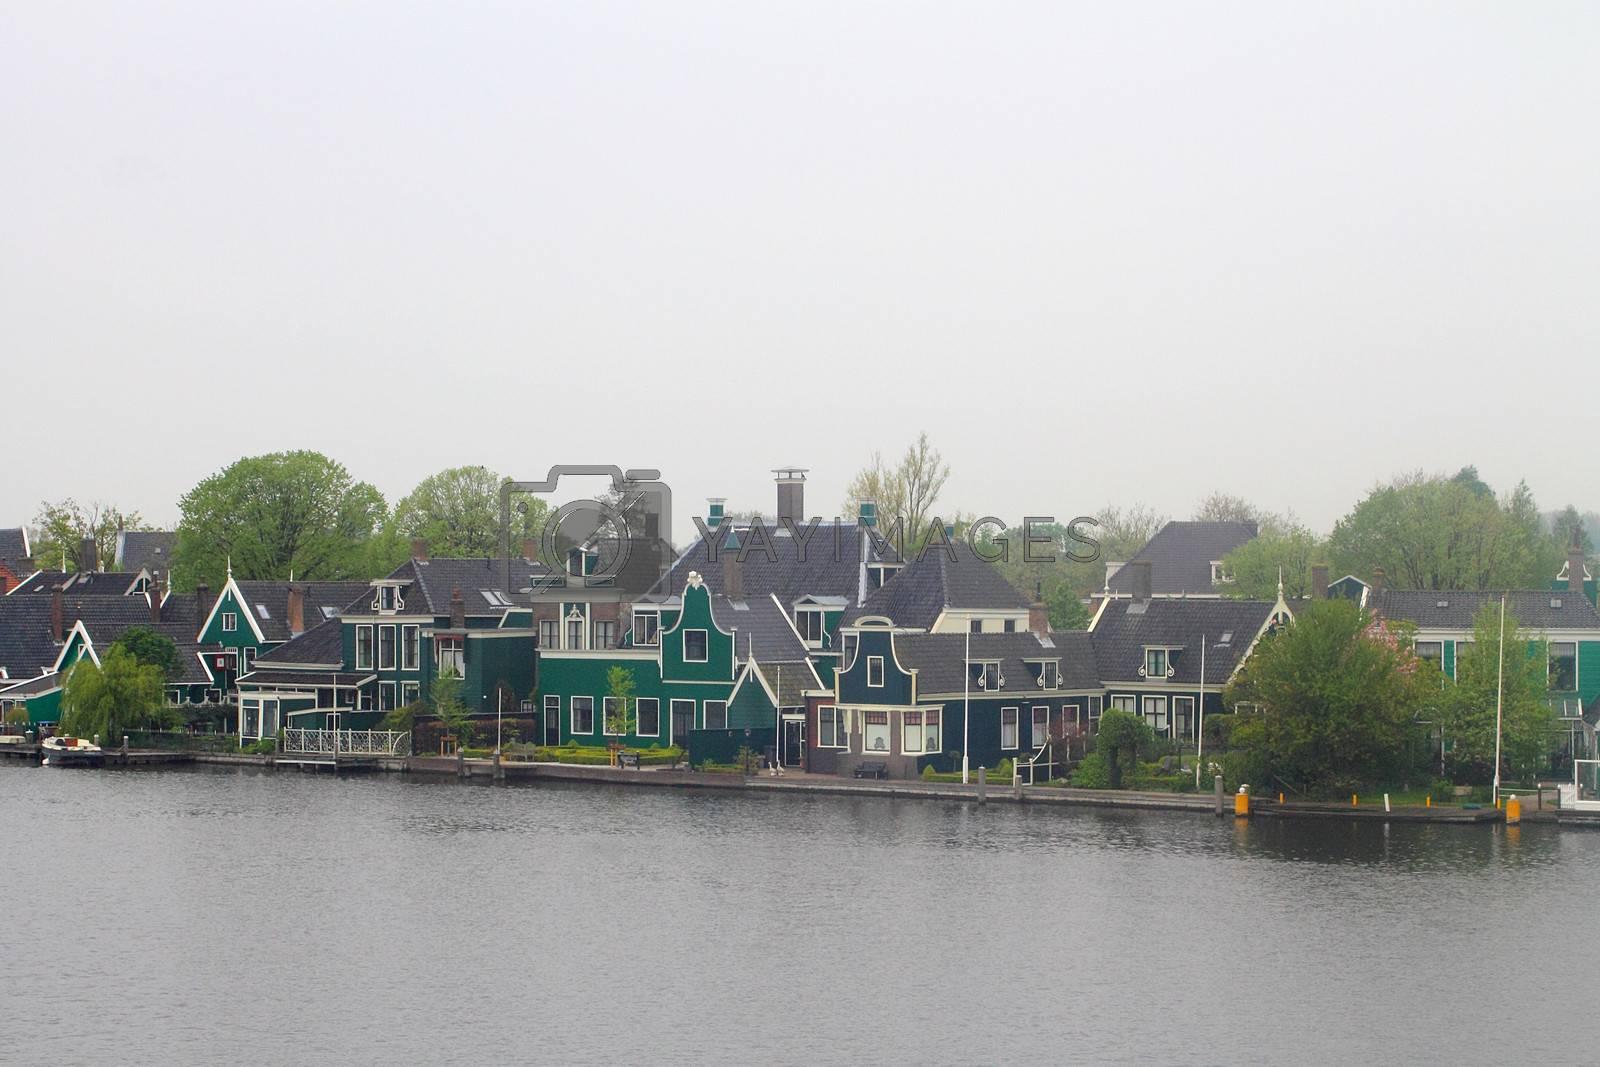 Houses in Zaanse Schans, Netherlands